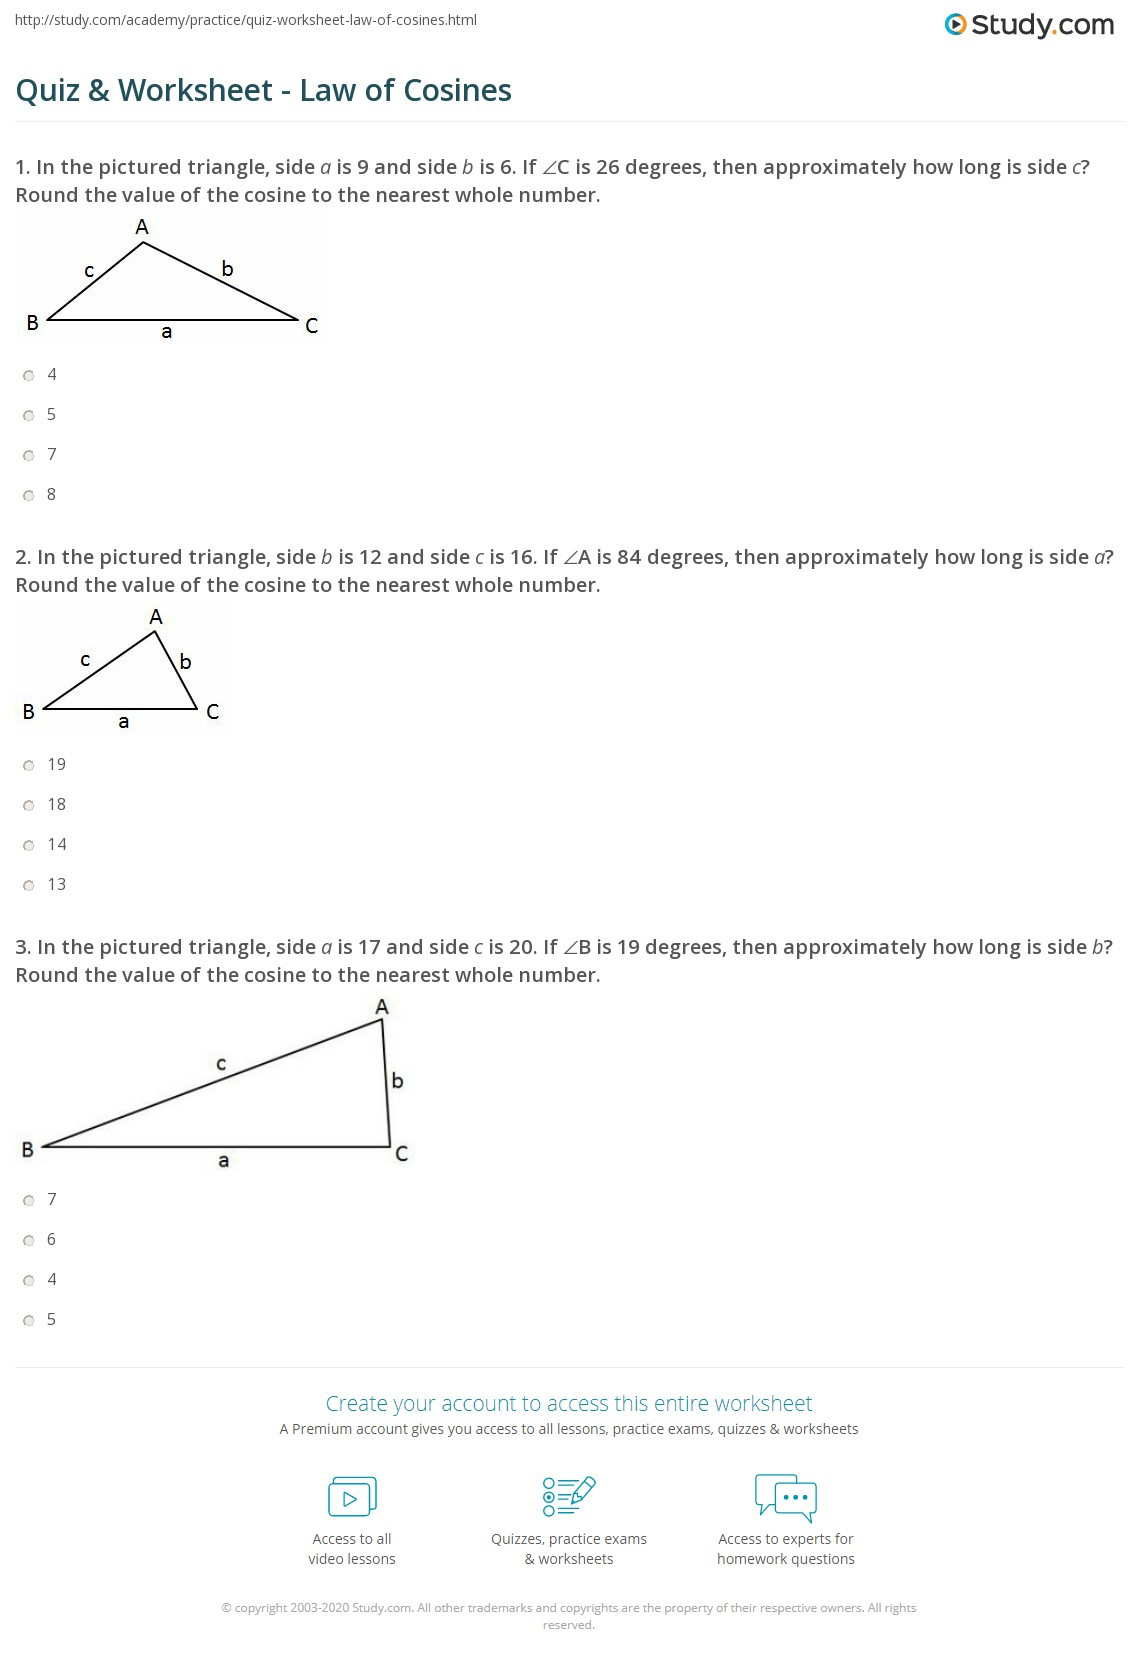 Law Of Cosines Worksheet Quiz & Worksheet Law Of Cosines